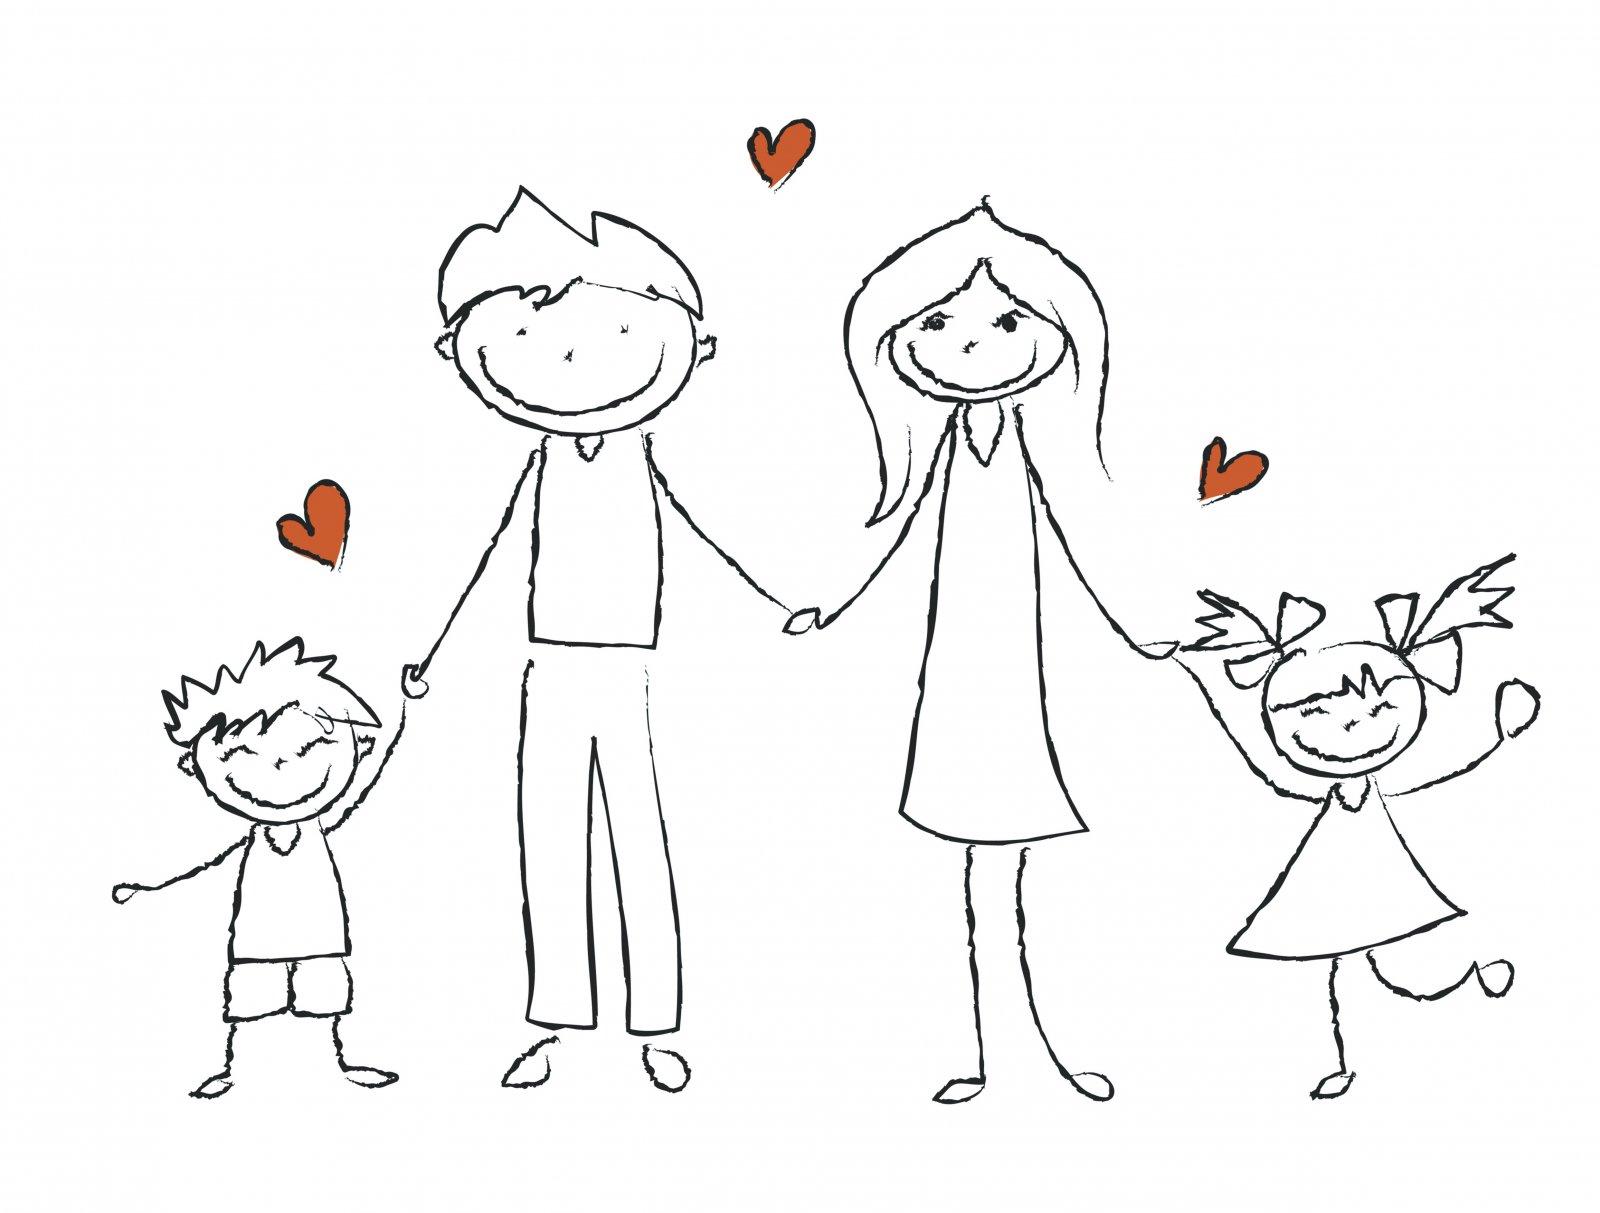 Webinár - Vedomé rodičovstvo alebo ako zvládnuť dlhodobú karanténu s deťmi: domáce vzdelávanie, komunikácia a emócie